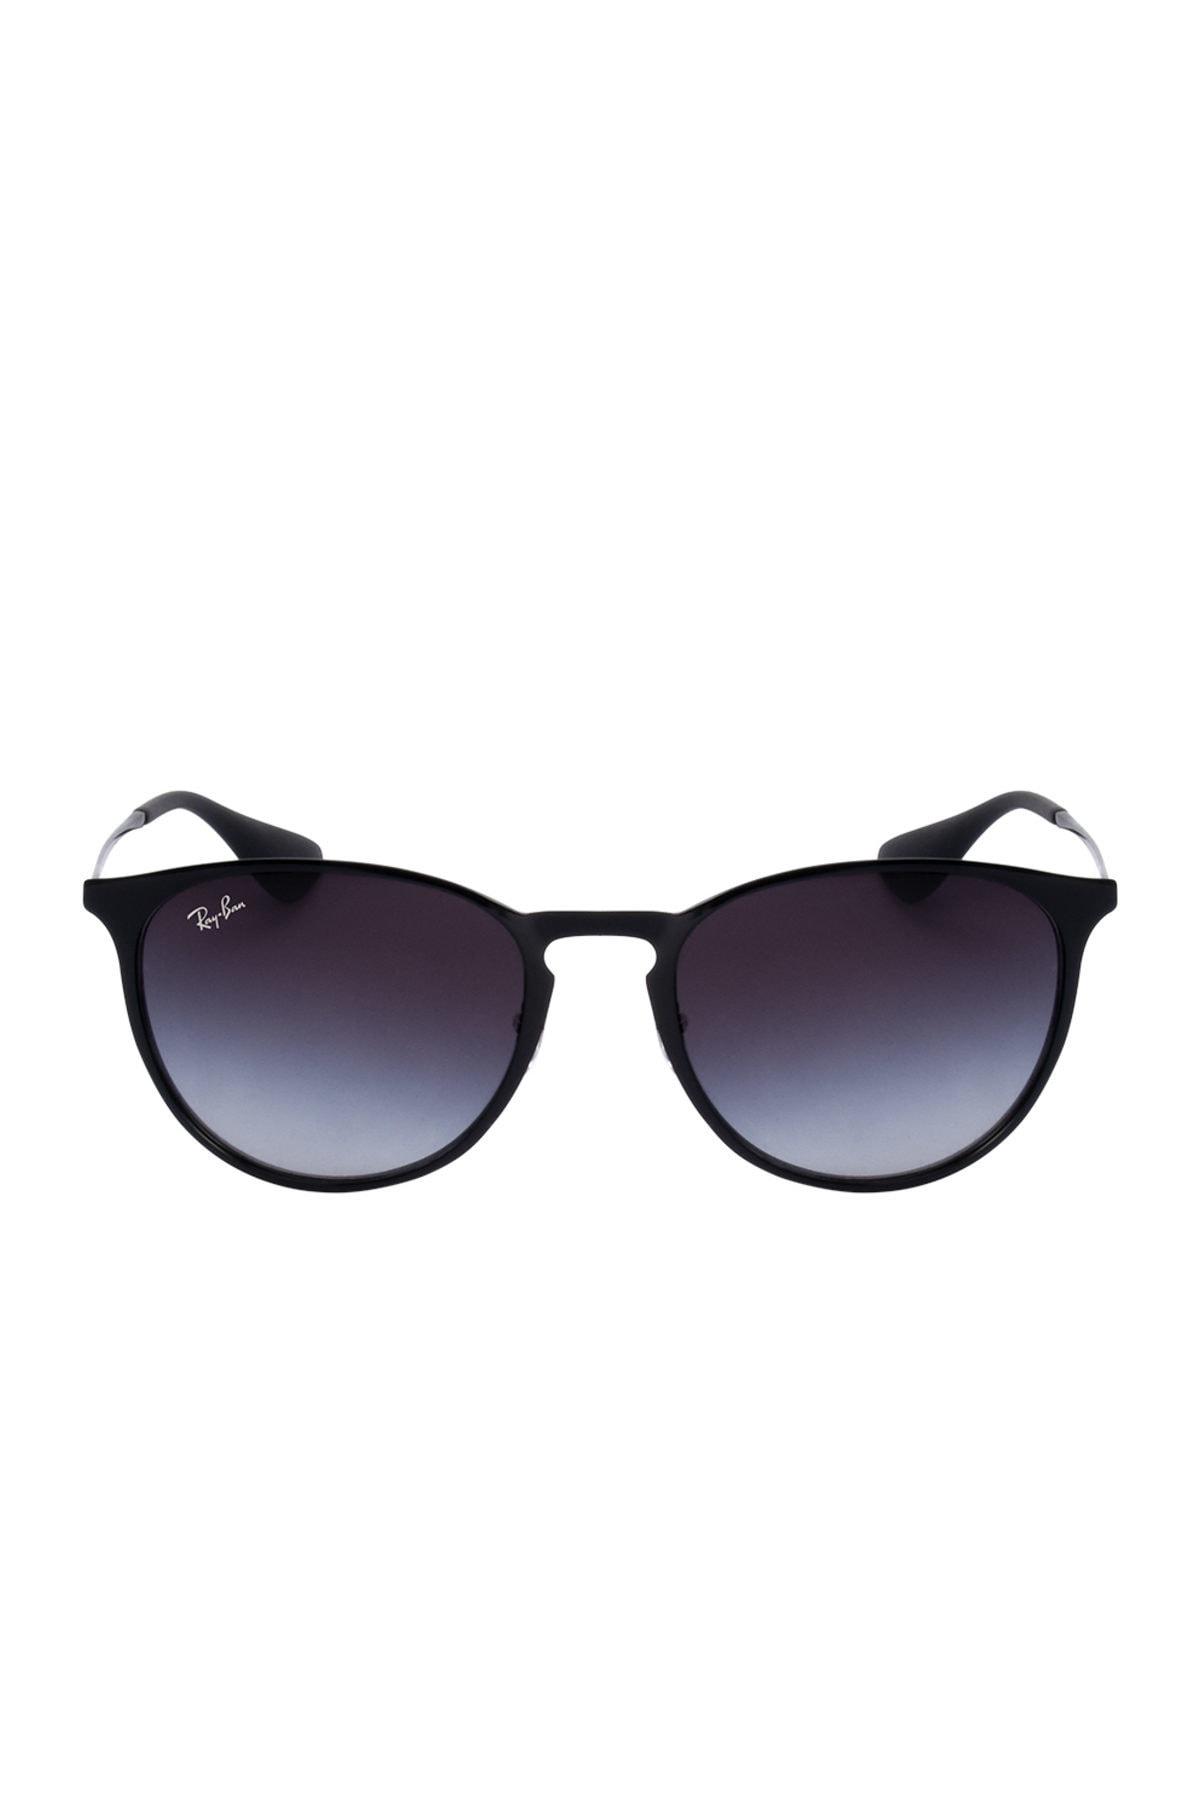 خرید اینترنتی عینک آفتابی بلند برند ری بن کد ty731416